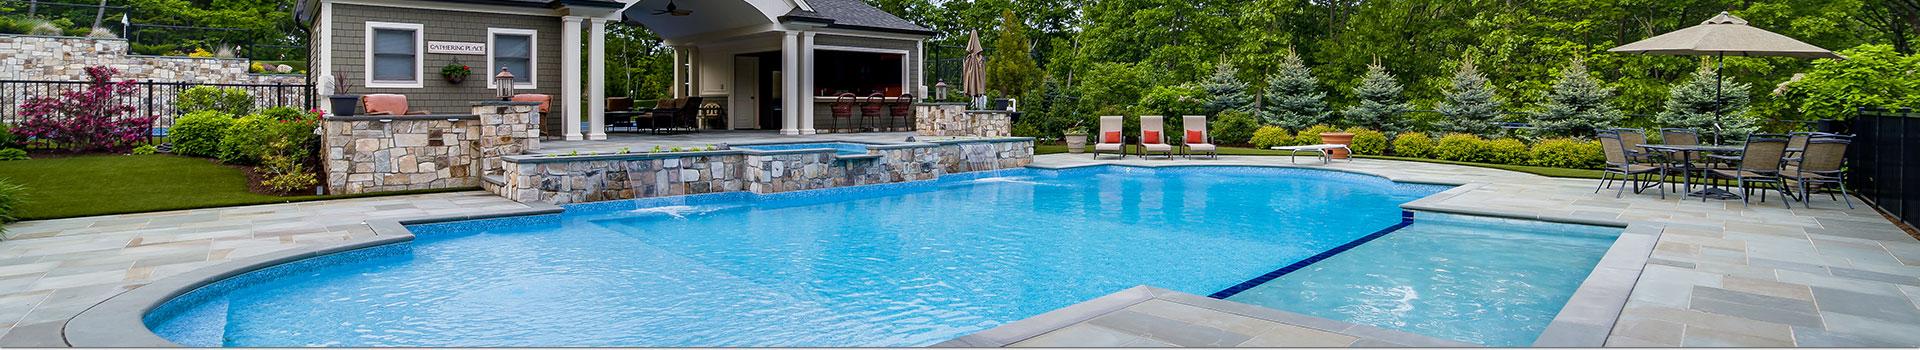 Pool Contractor Long Island